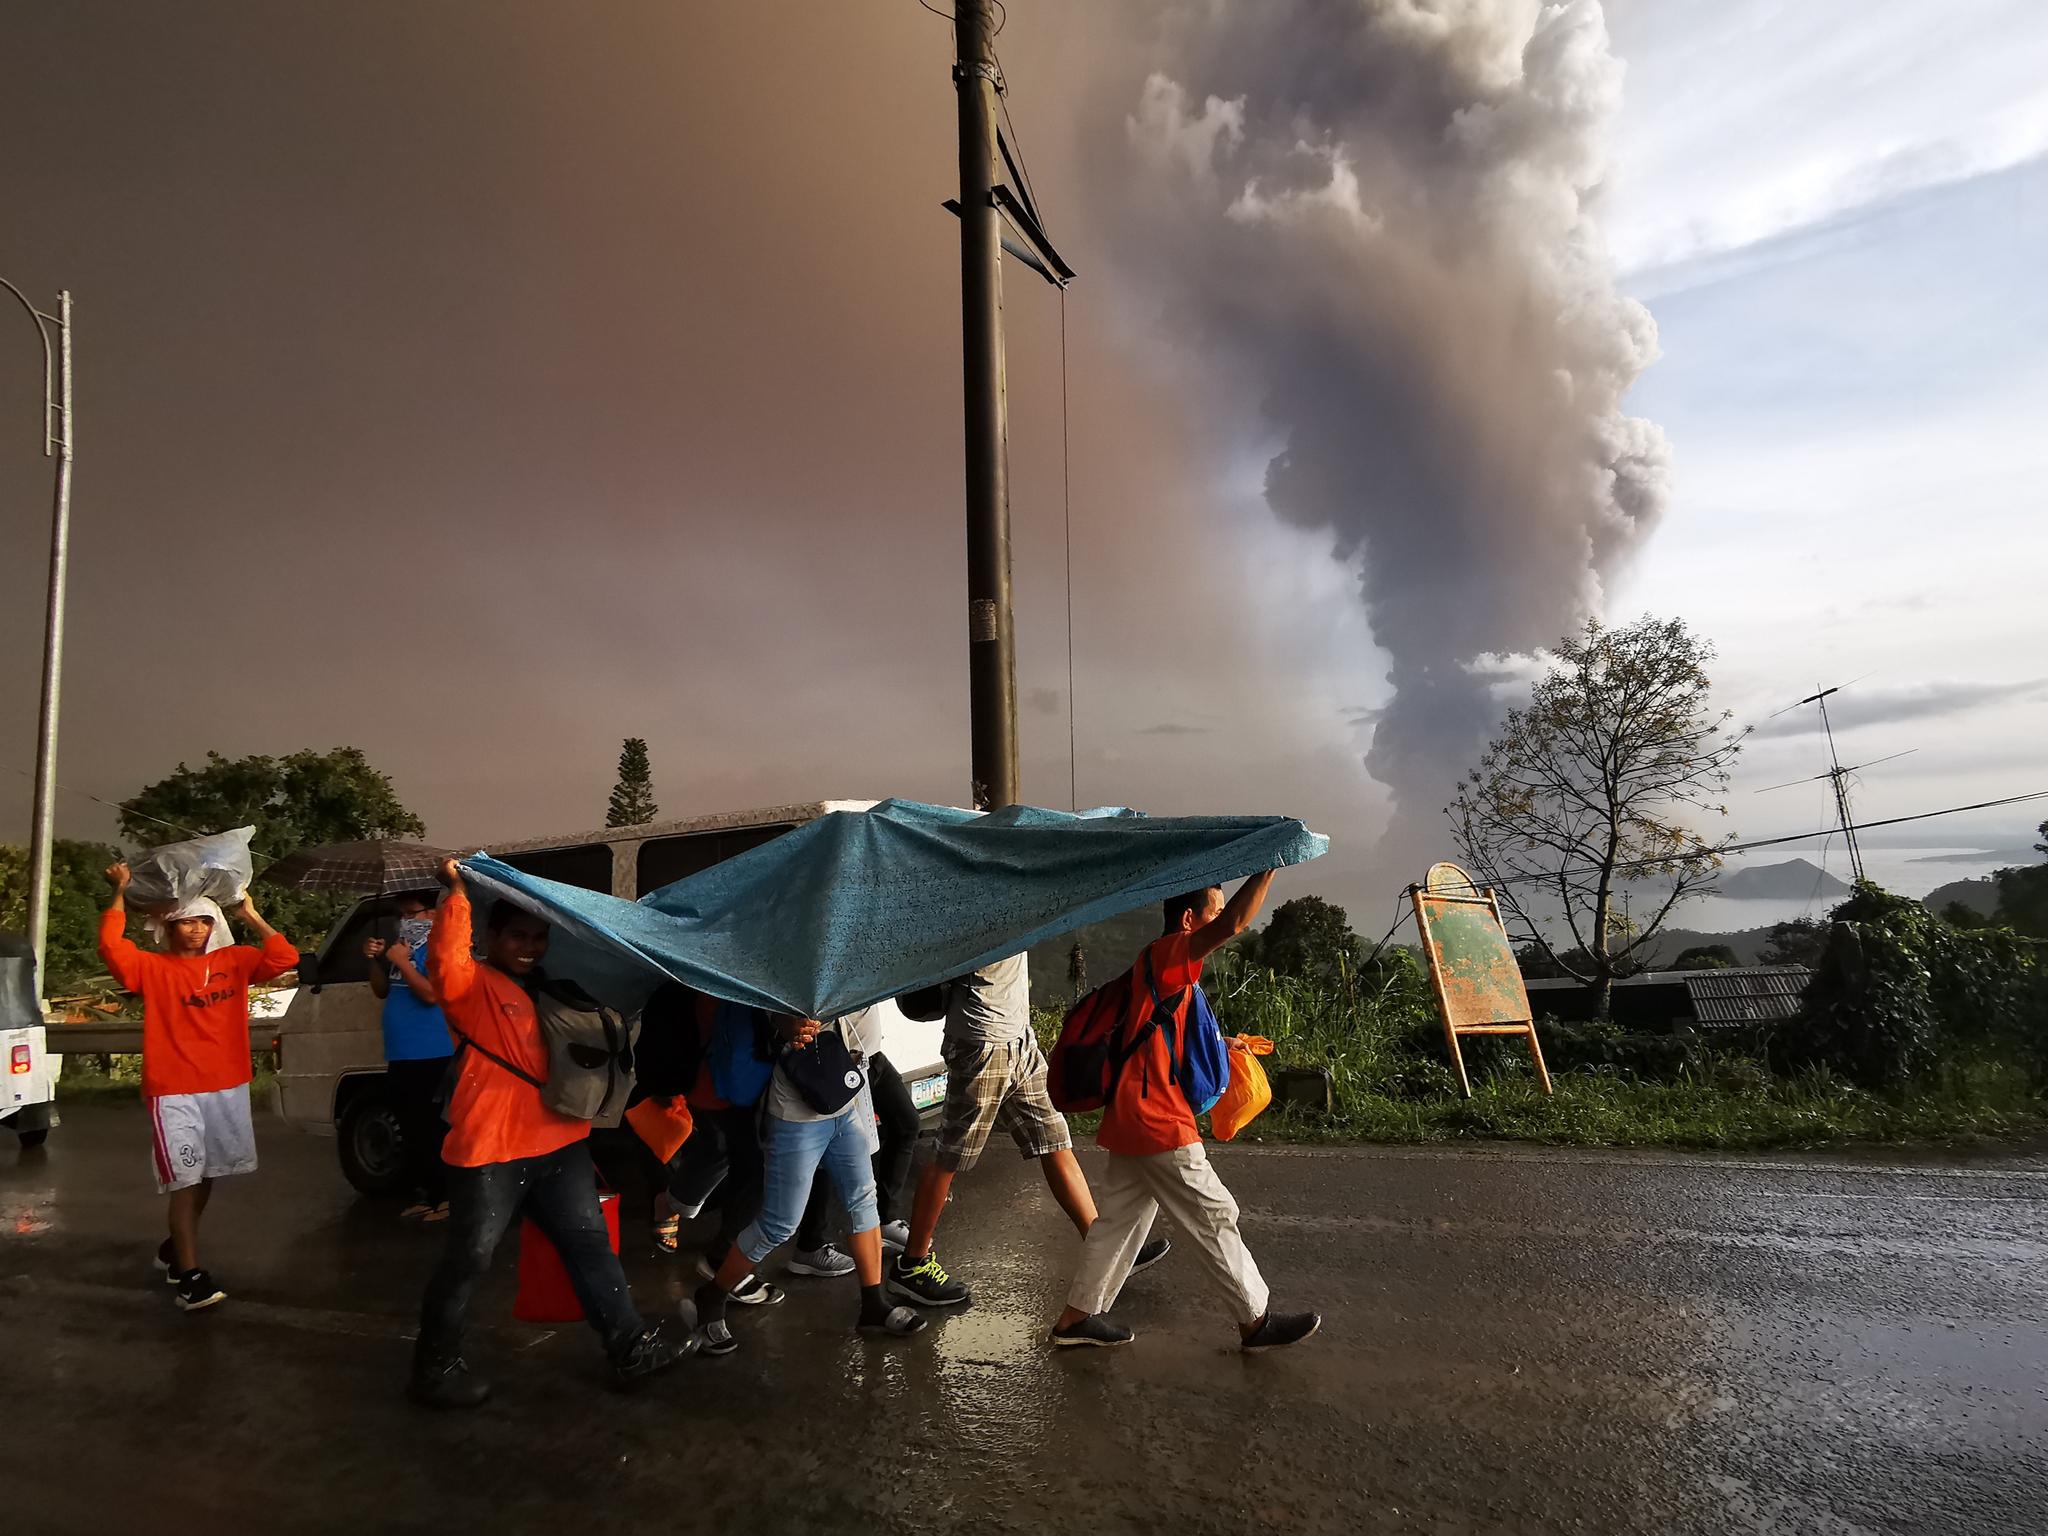 12일(현지시간) 필리핀 따가이따이 인근 지역의 따알 화산이 재를 내 뿜고 있는 가운데 주민들이 대피하고 있다. [EPA=연합뉴스]